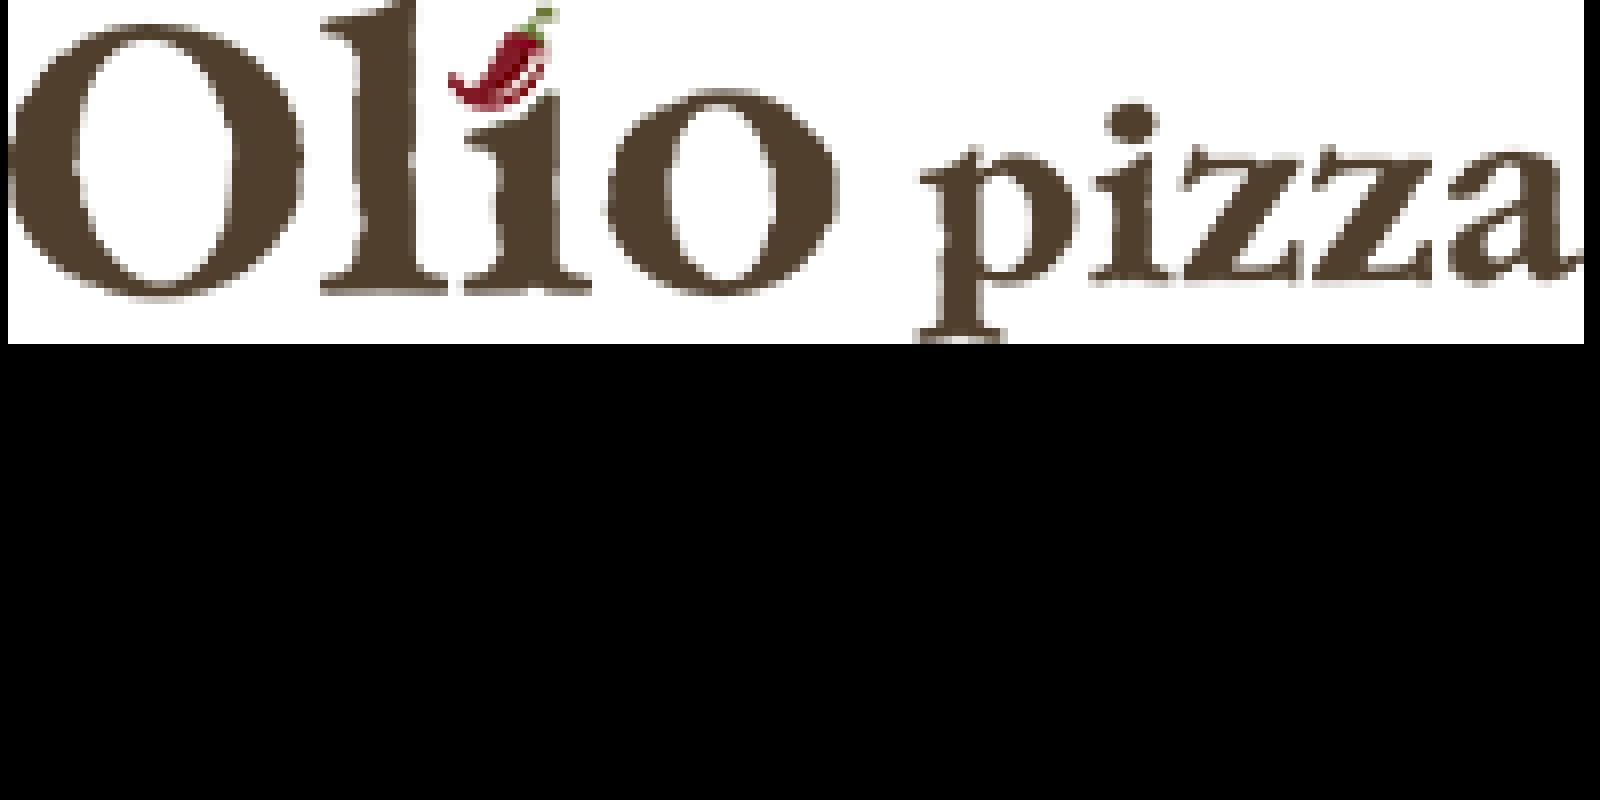 В сеть пиццерий «Olio pizza» в центре города требуется хостес. Одесса